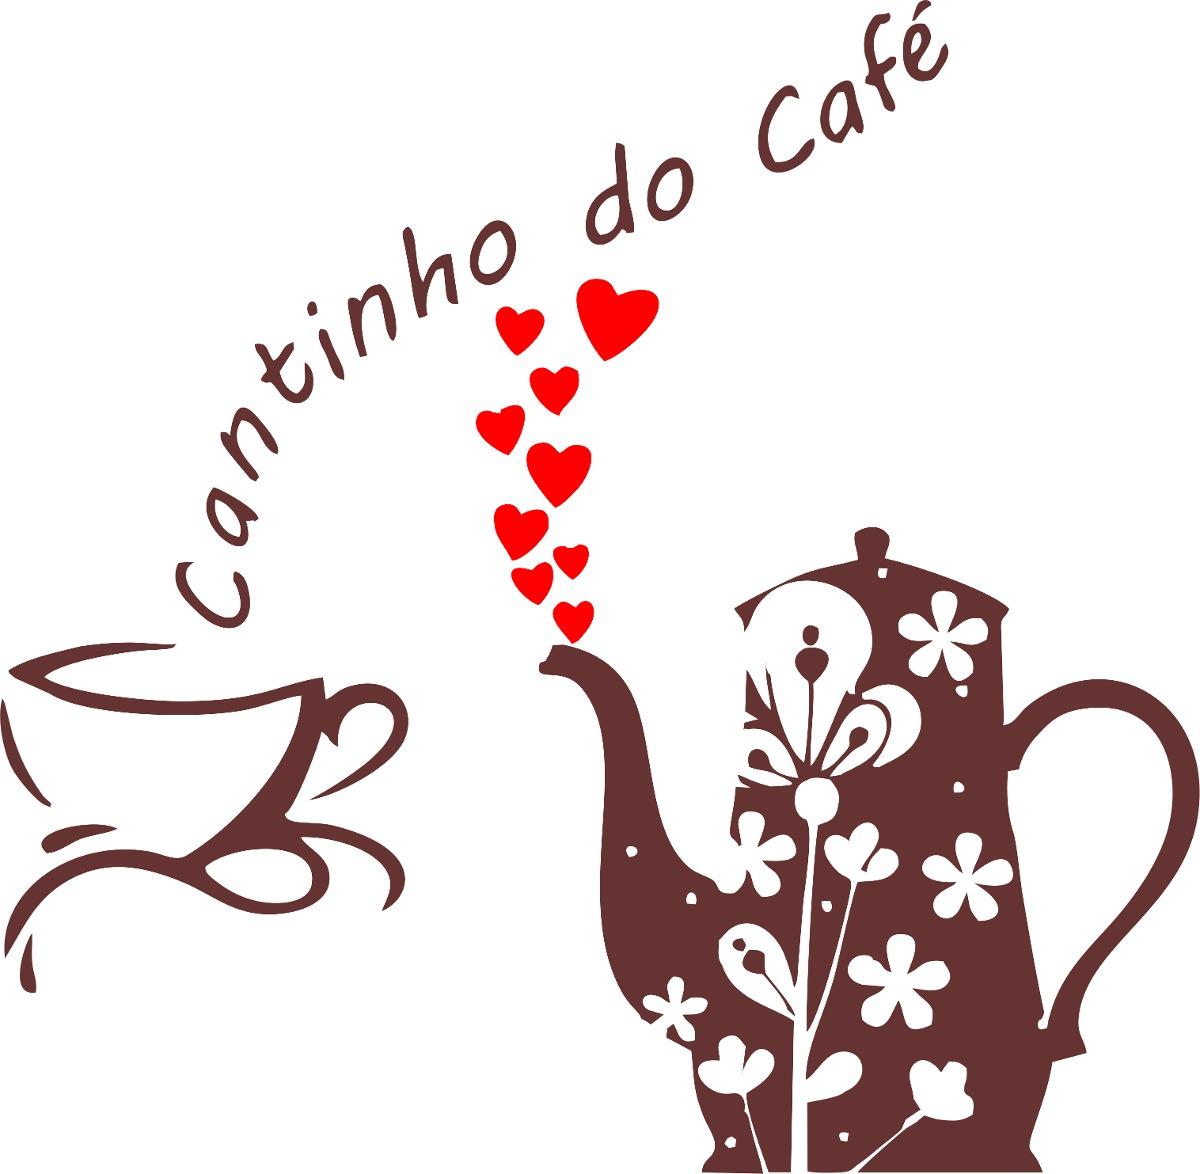 Aparador Azul Tifany ~ Adesivo Parede Cozinha Cantinho Do Café Xícara Coraç u00e3o R$ 29,99 em Mercado Livre